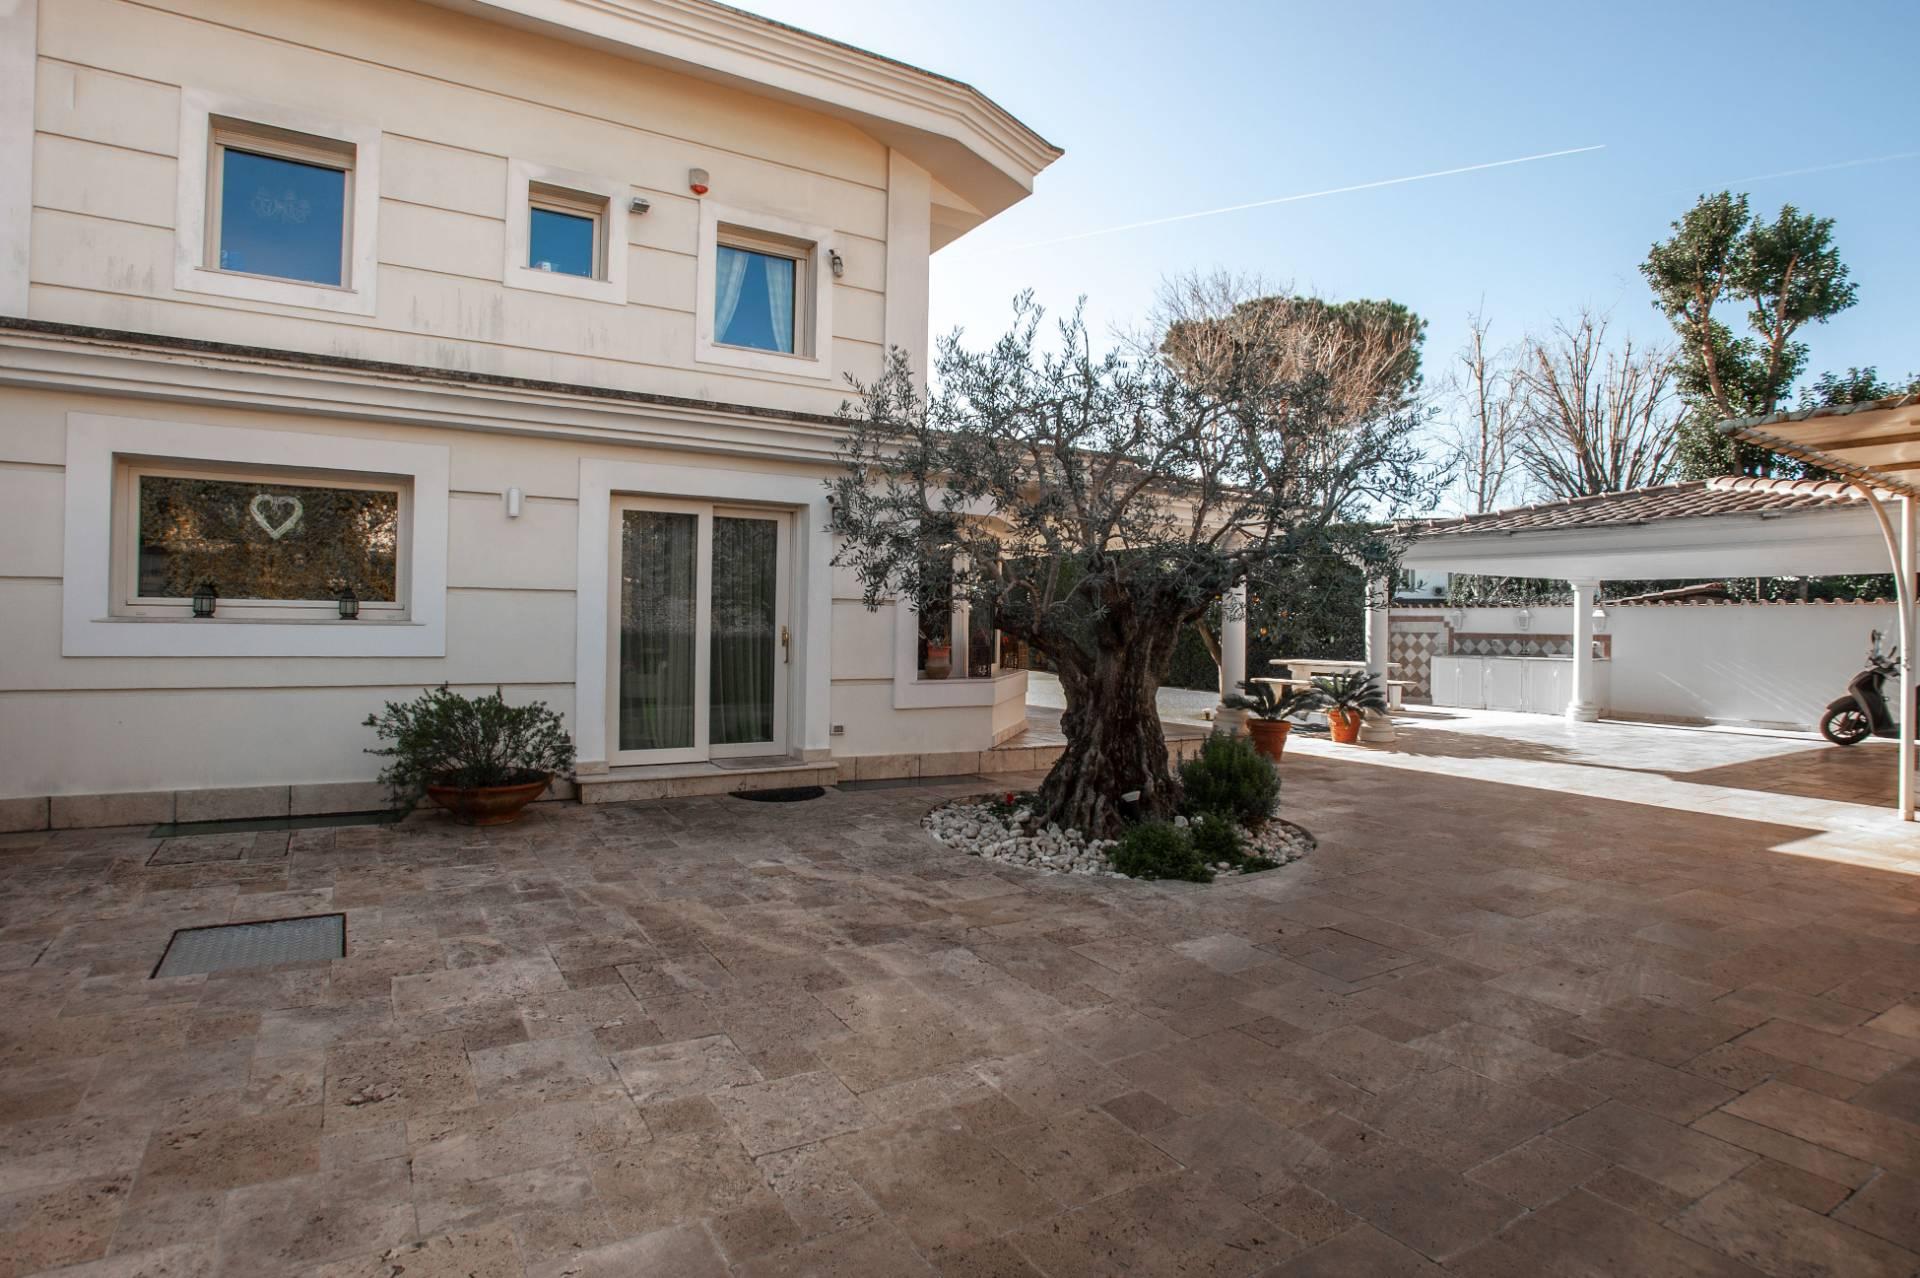 Villa in Vendita a Roma: 5 locali, 324 mq - Foto 6